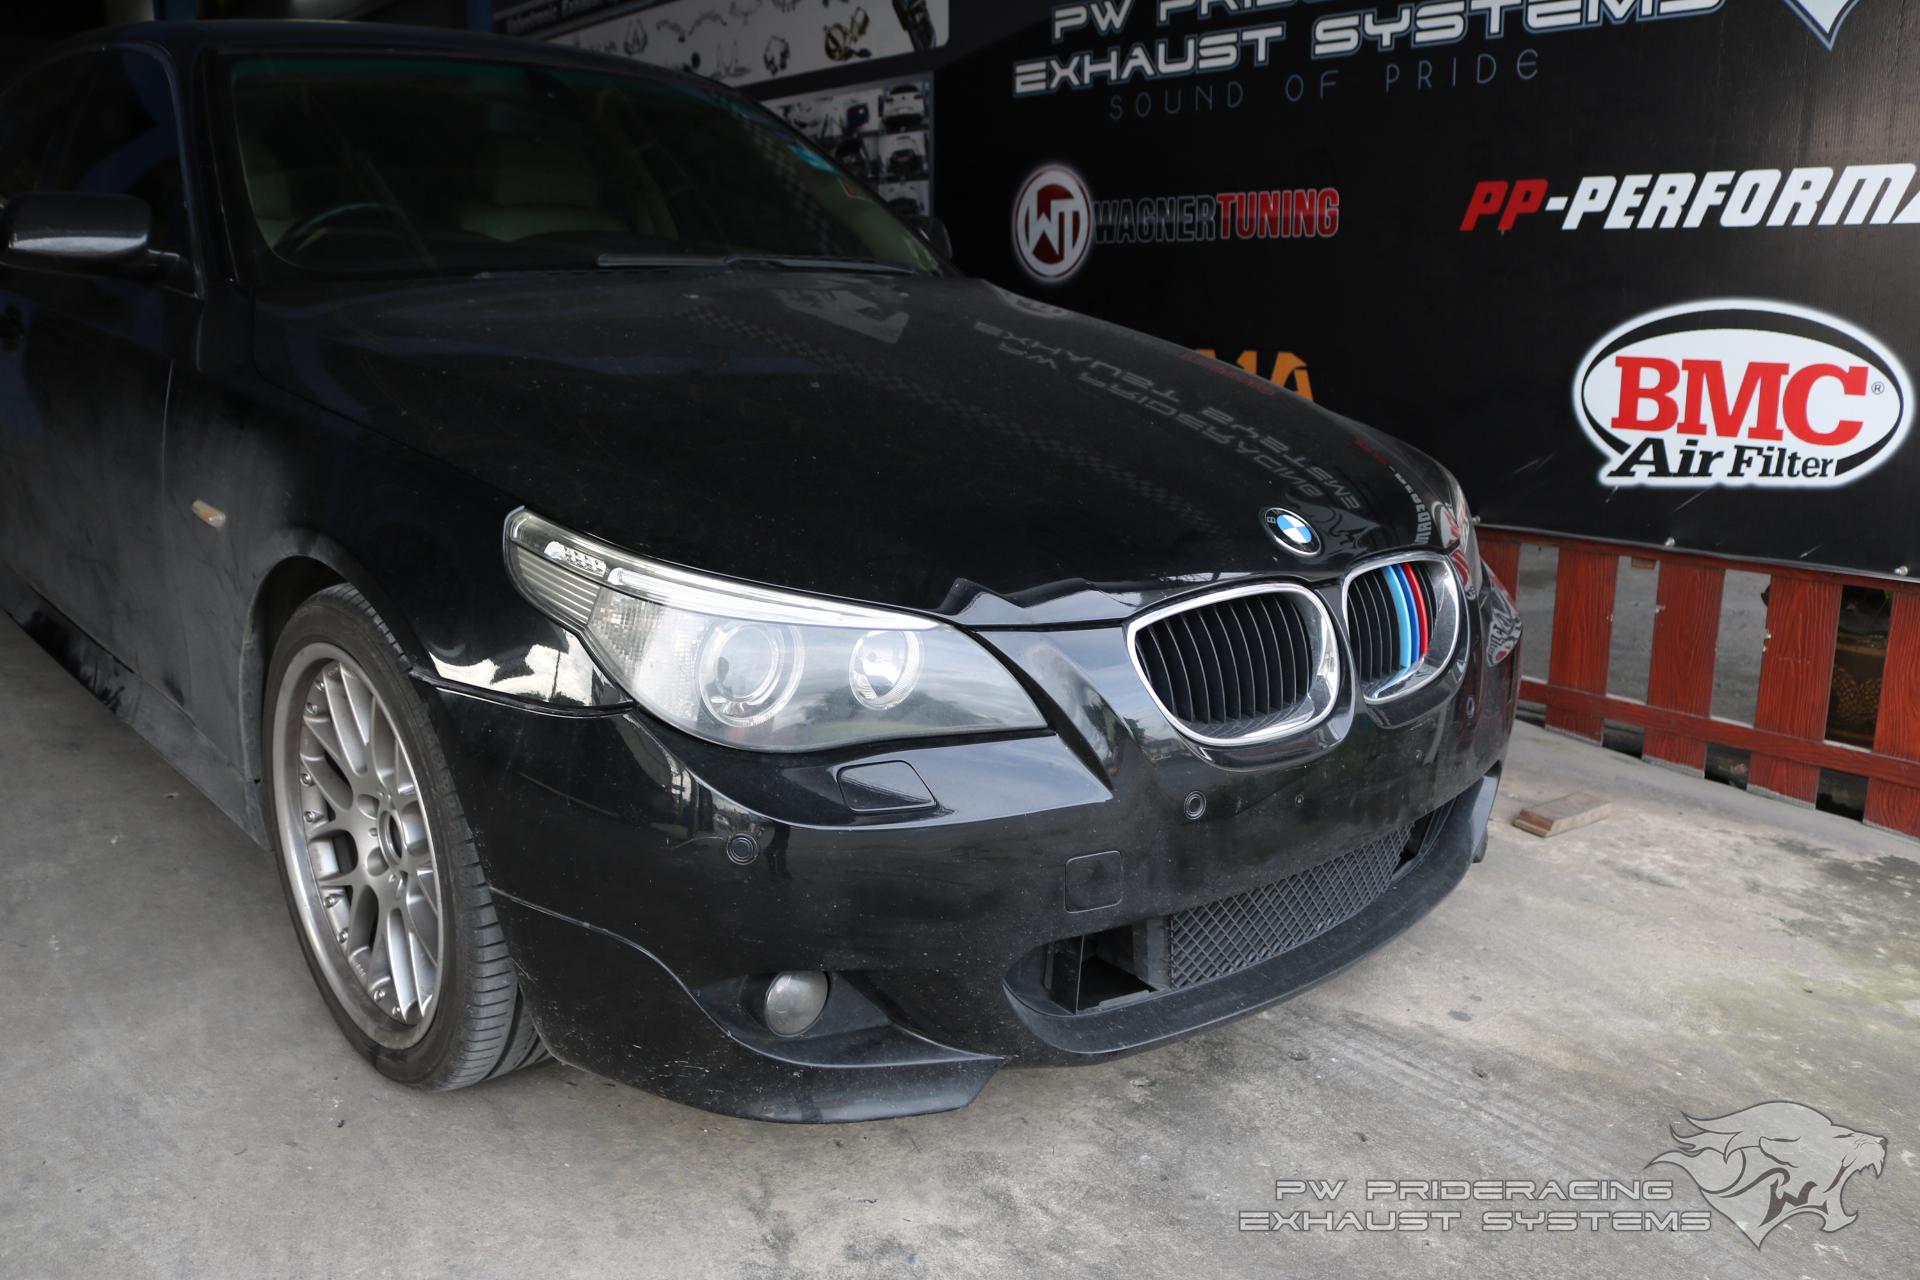 ชุดท่อไอเสีย BMW E60 525i by PW PrideRacing